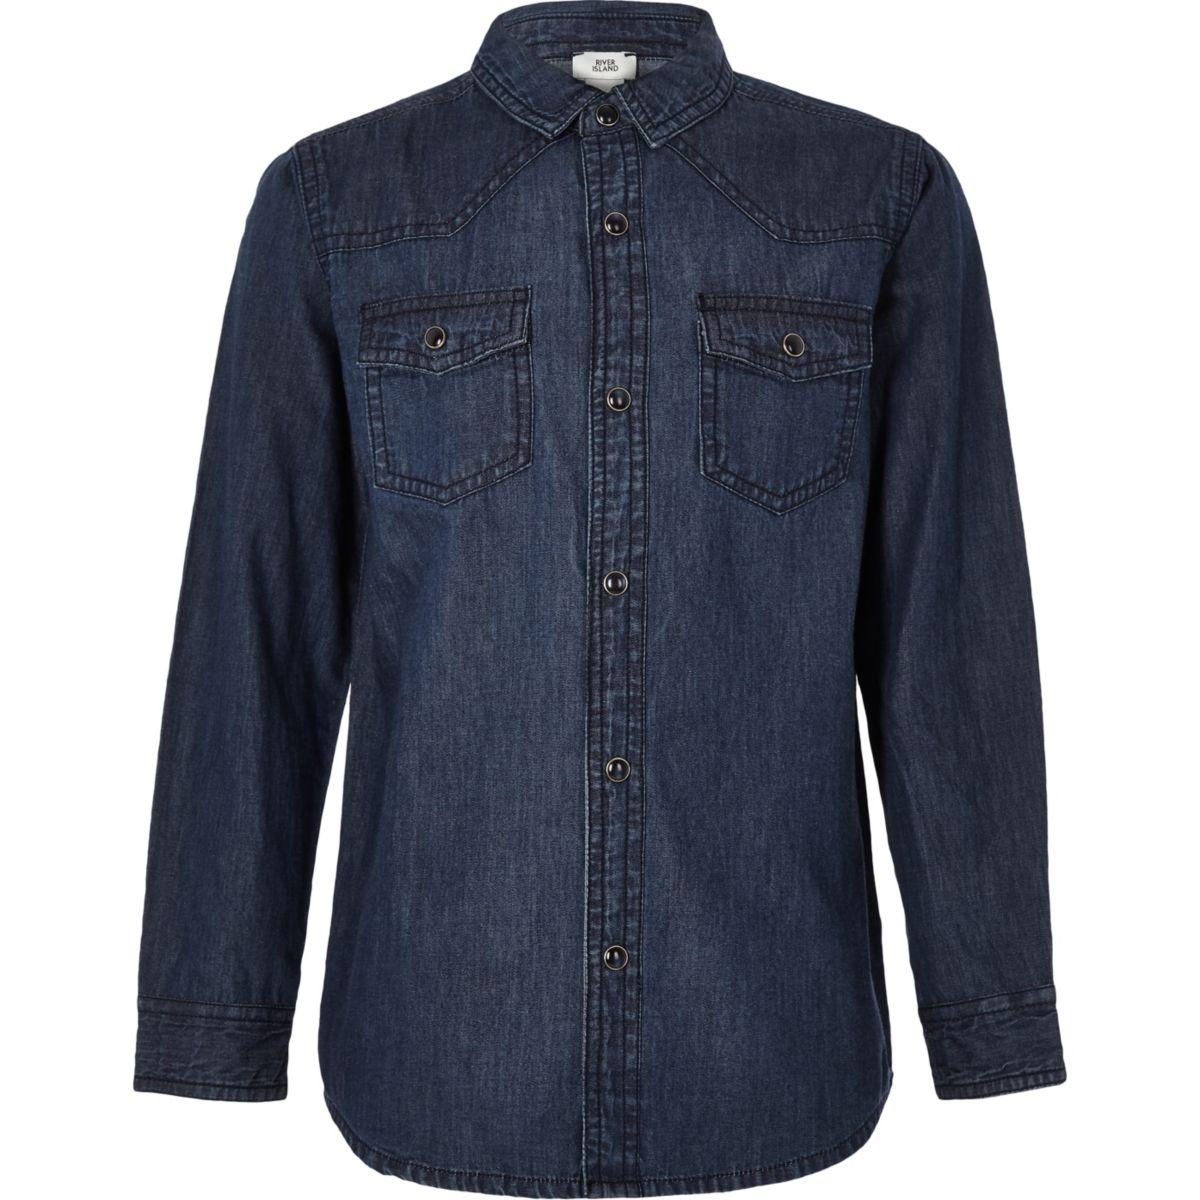 Boys dark blue denim shirt